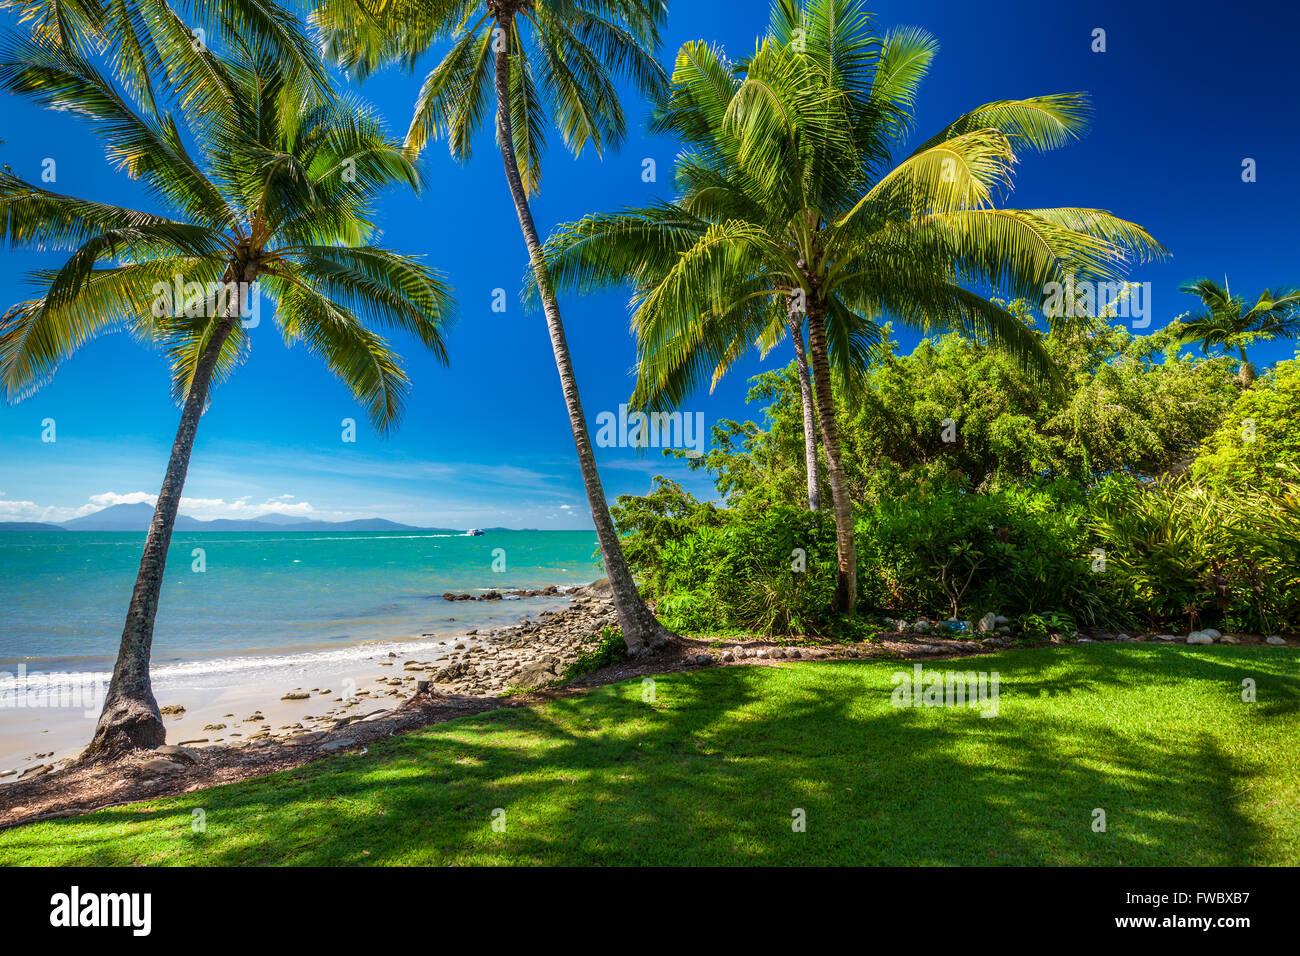 Rex Smeal Park à Port Douglas avec palmiers tropicaux et beach, Australie Photo Stock